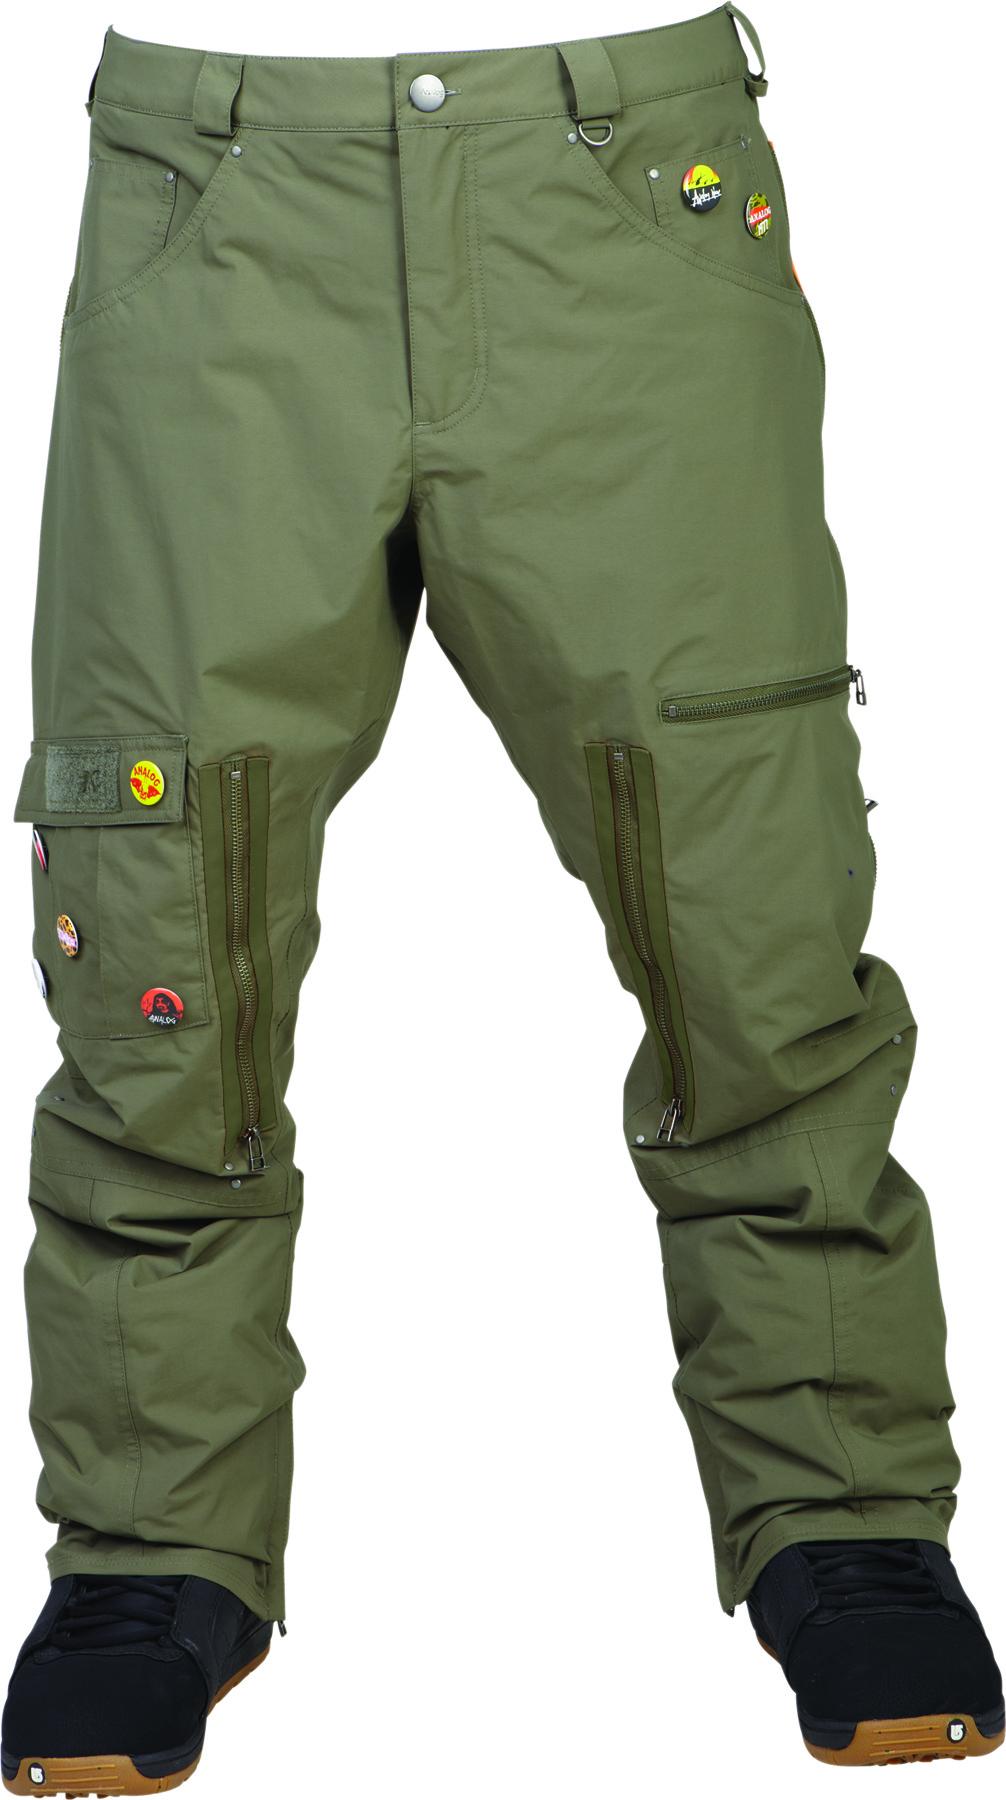 Spodnie Snowboardowe Analog Anarchy (Moss Green)